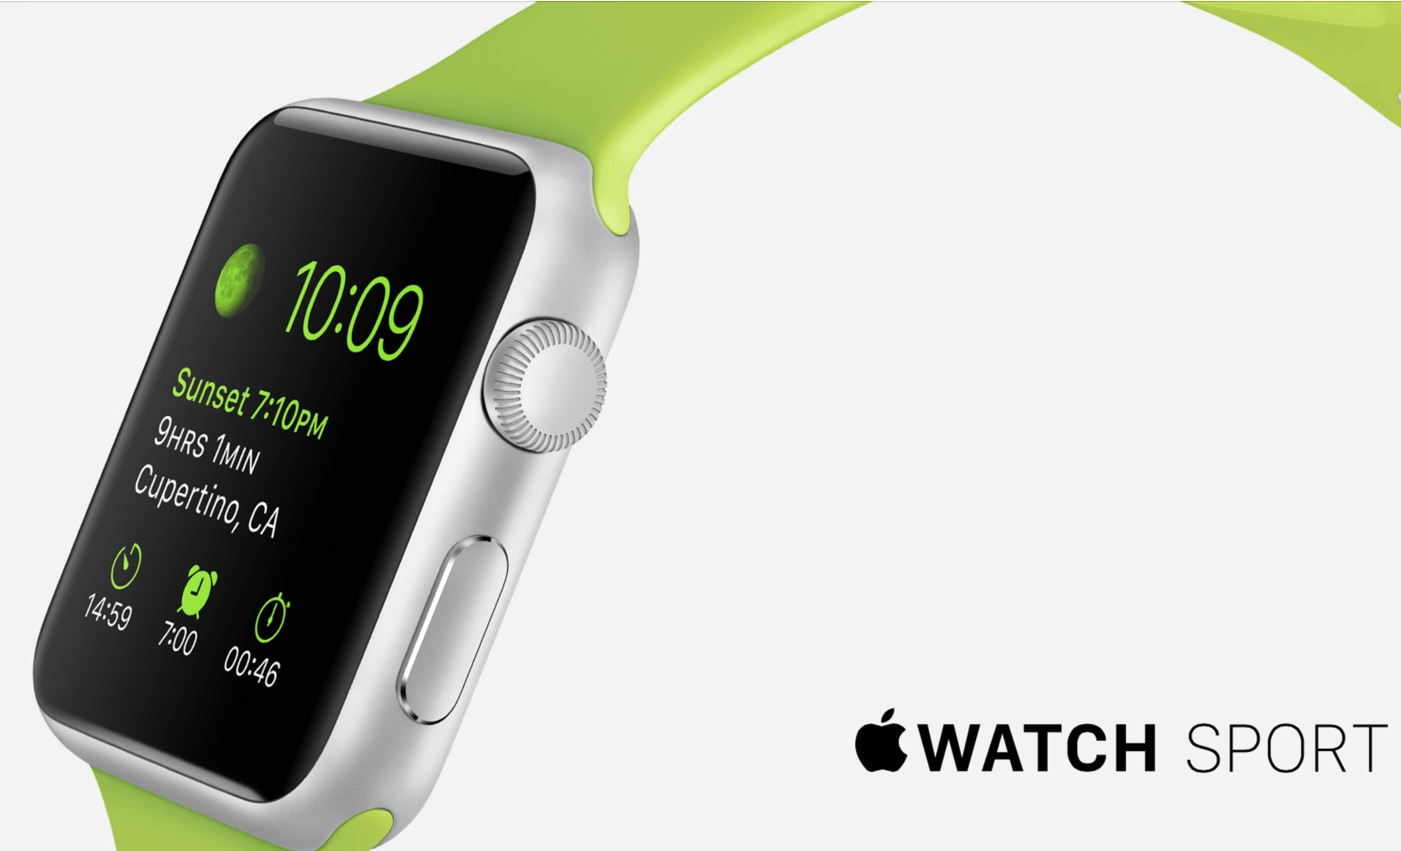 Appleはアスリート向けに筐体が頑丈なApple Watchの新モデルを「検討中」